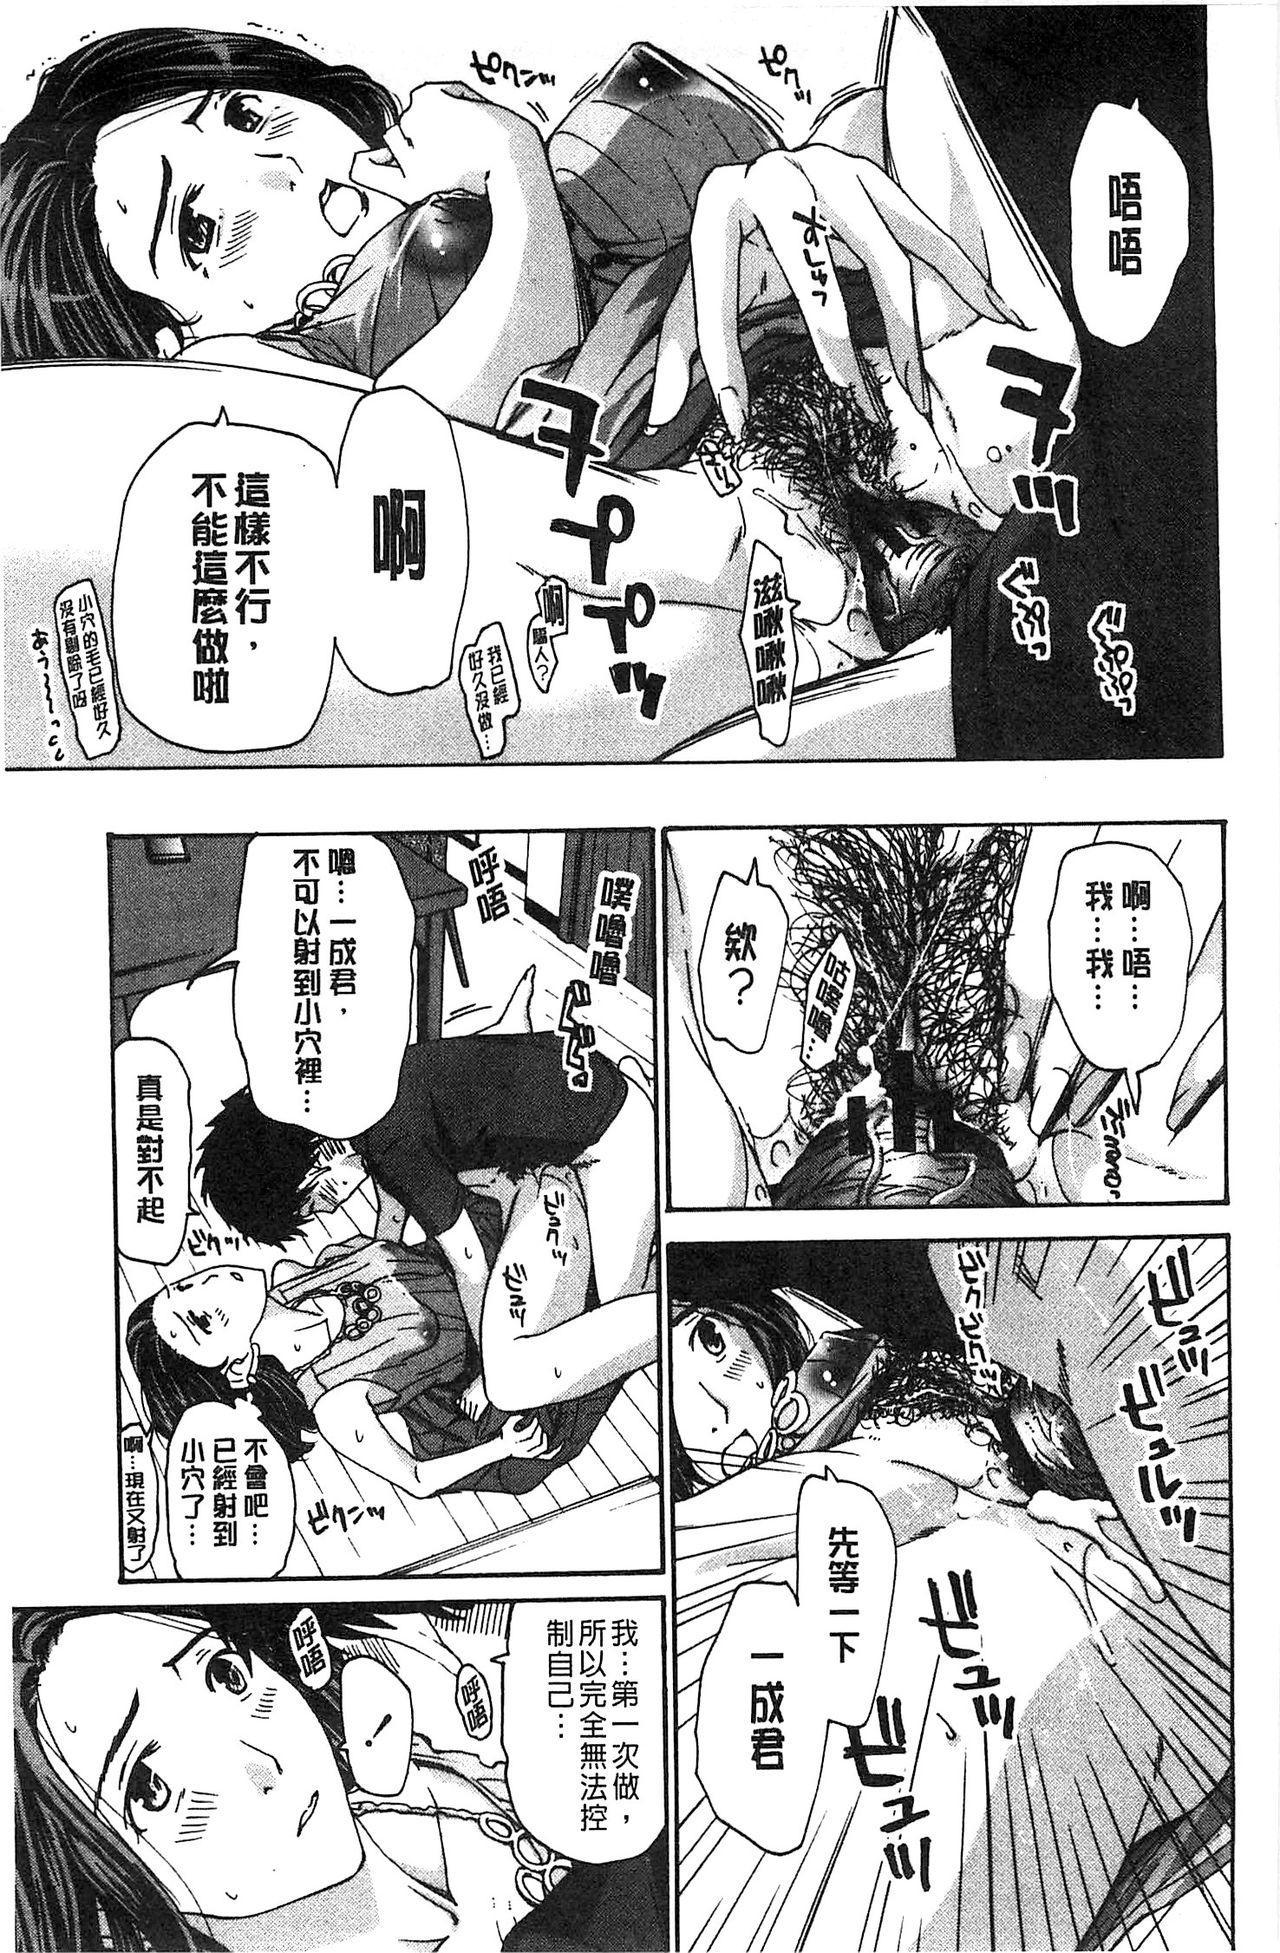 Watashito Iikoto Shiyo? 19